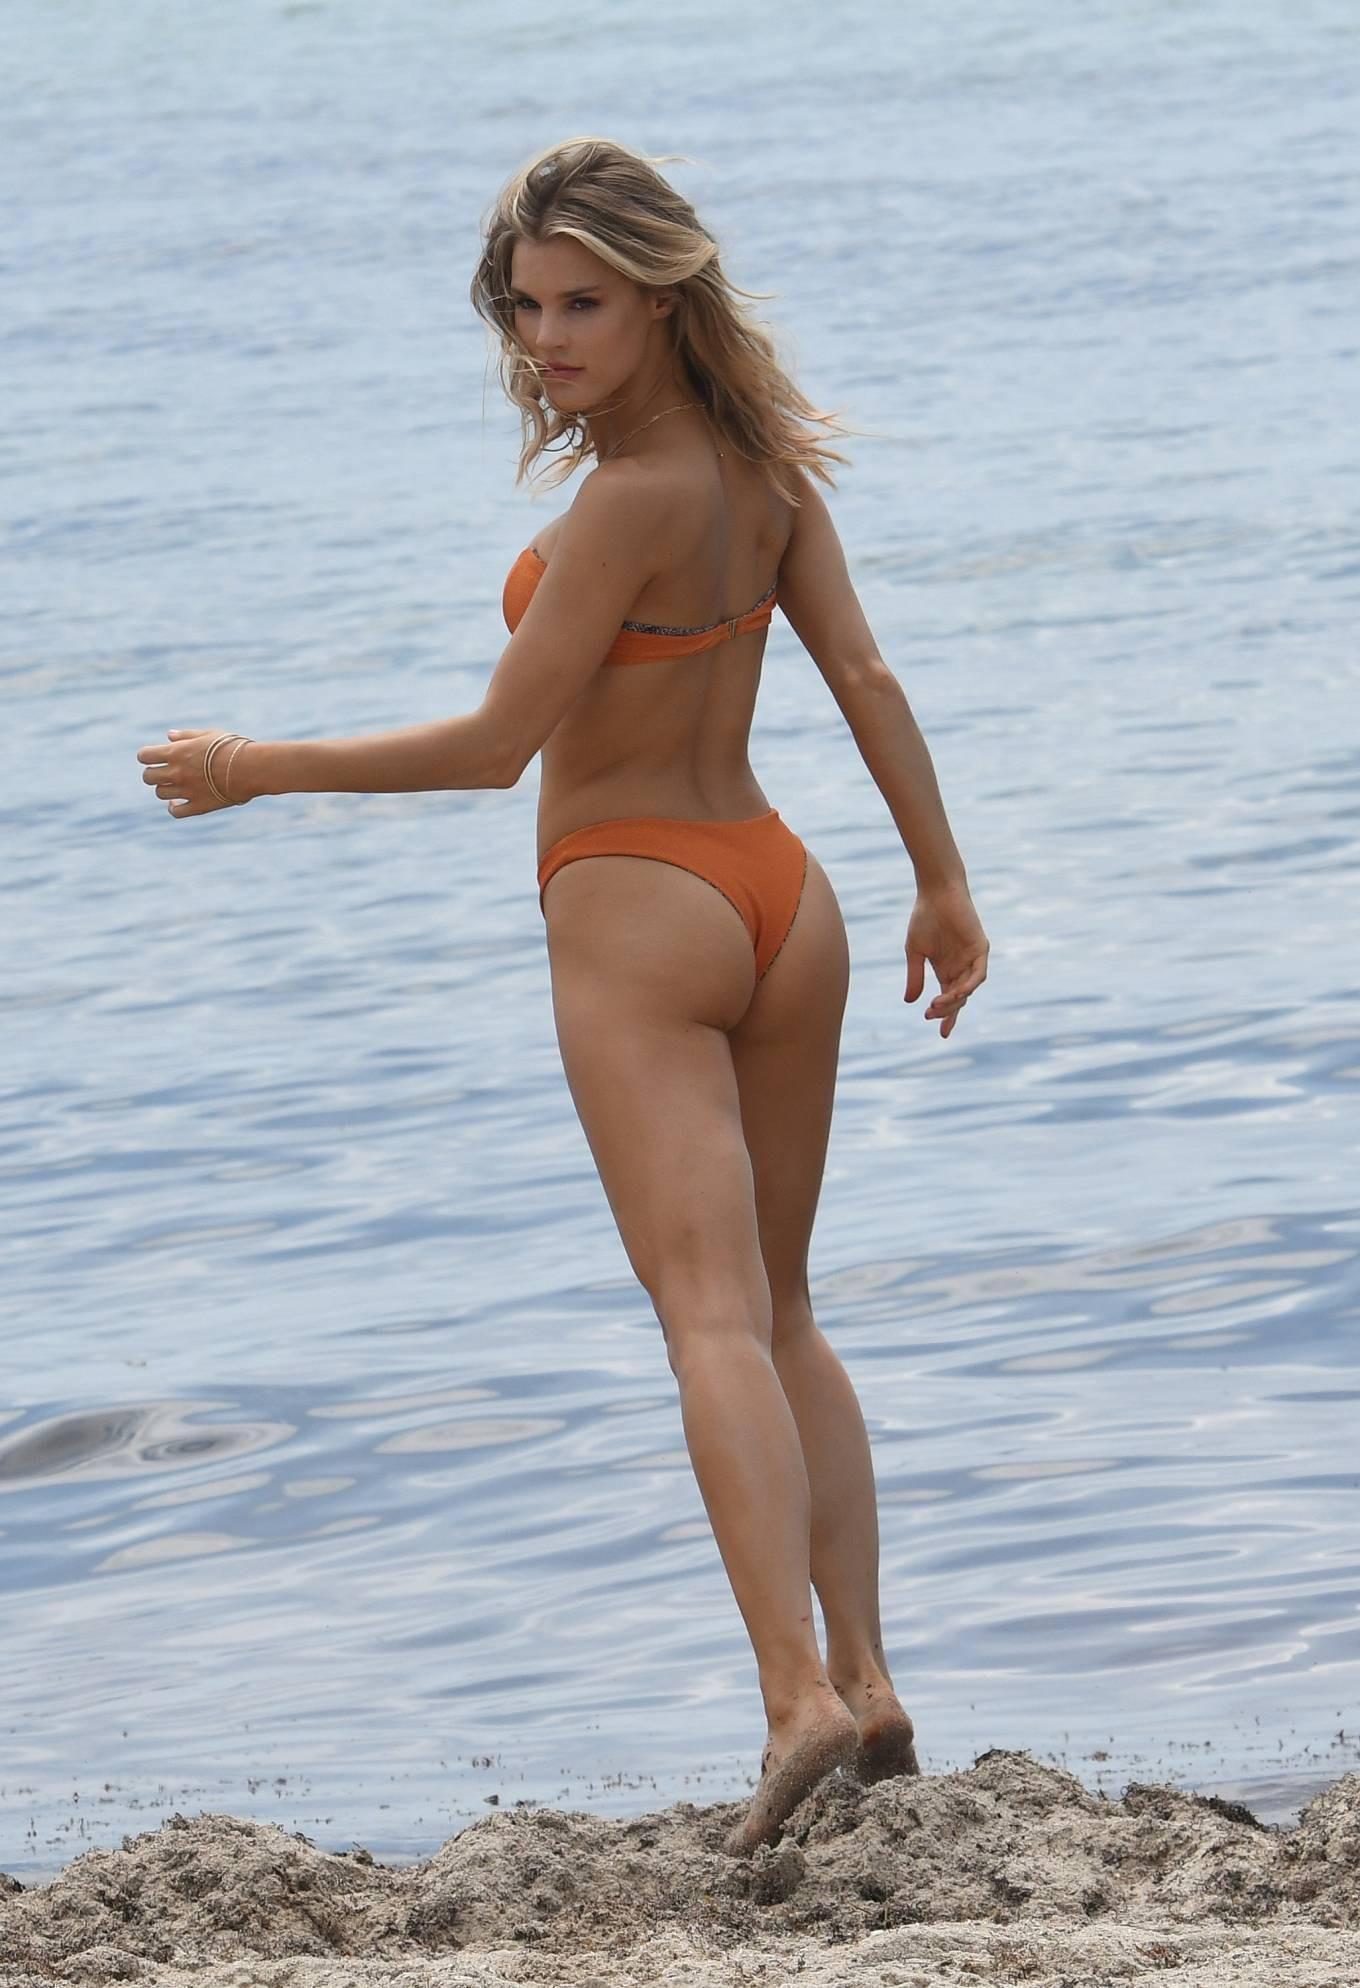 Hậu trường chụp bikini cực nóng bỏng của mẫu 9x Joy Corrigan Ảnh 7